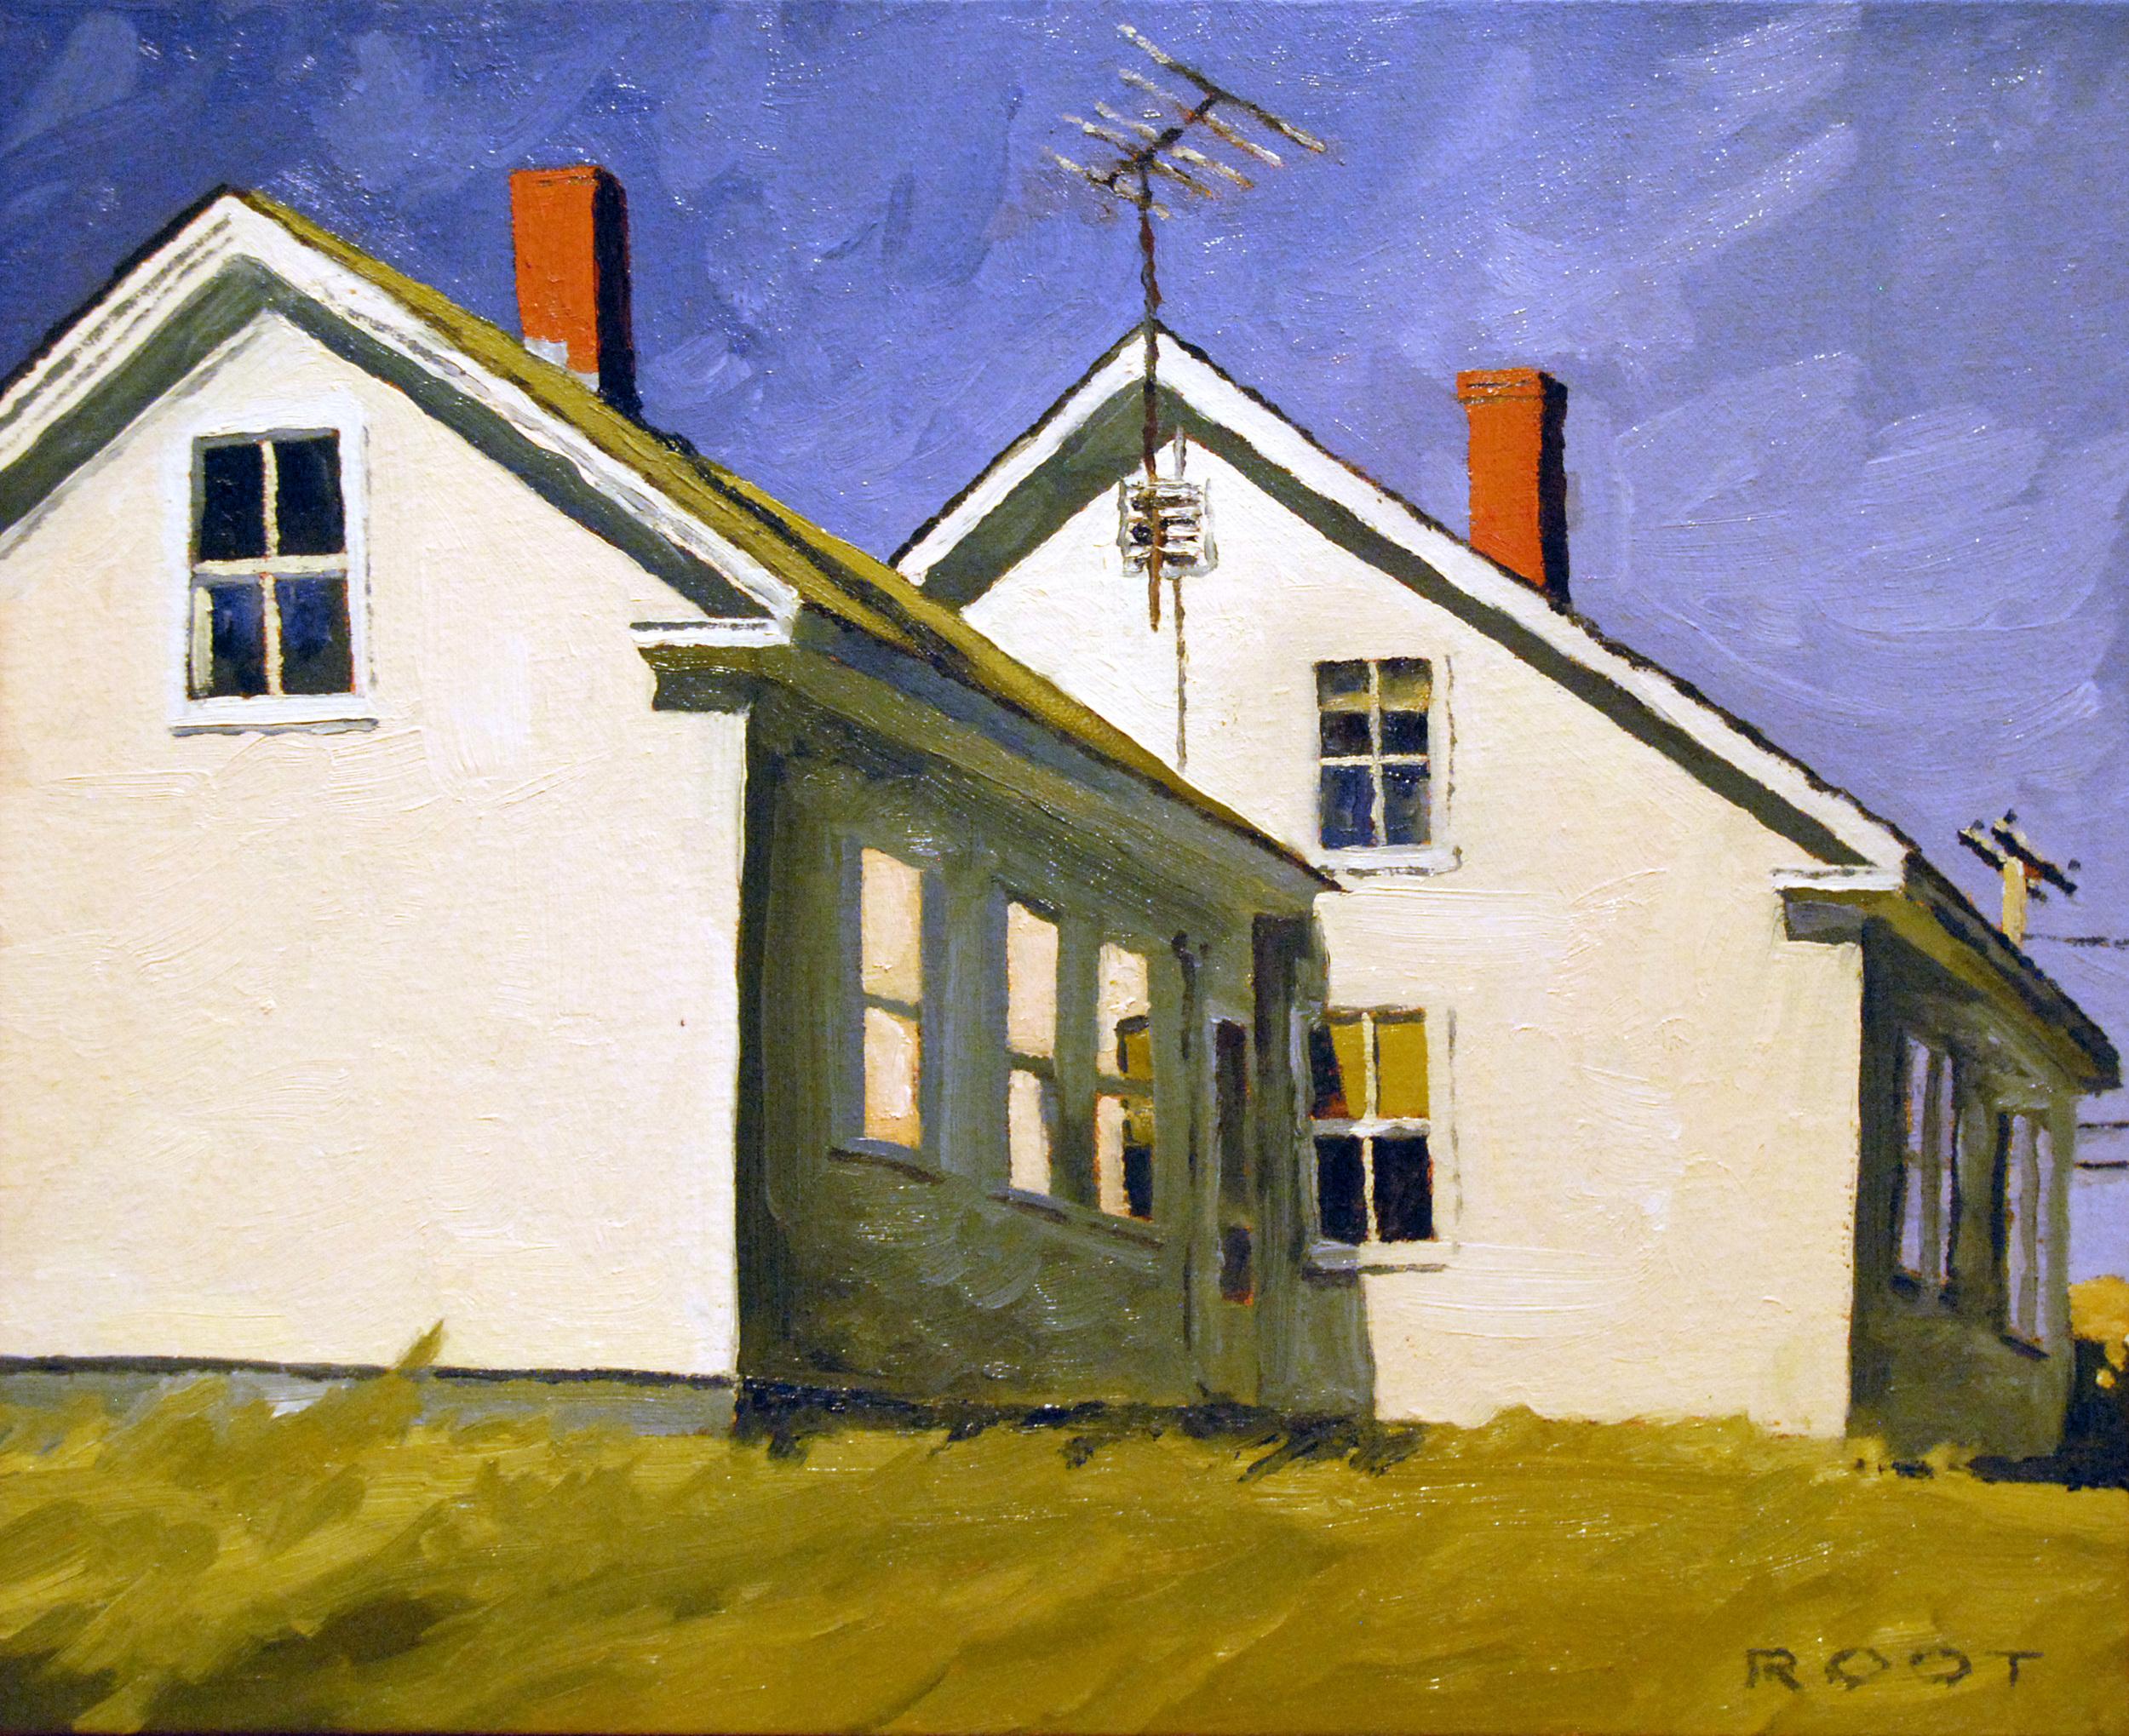 House, Moxie Cove Rd